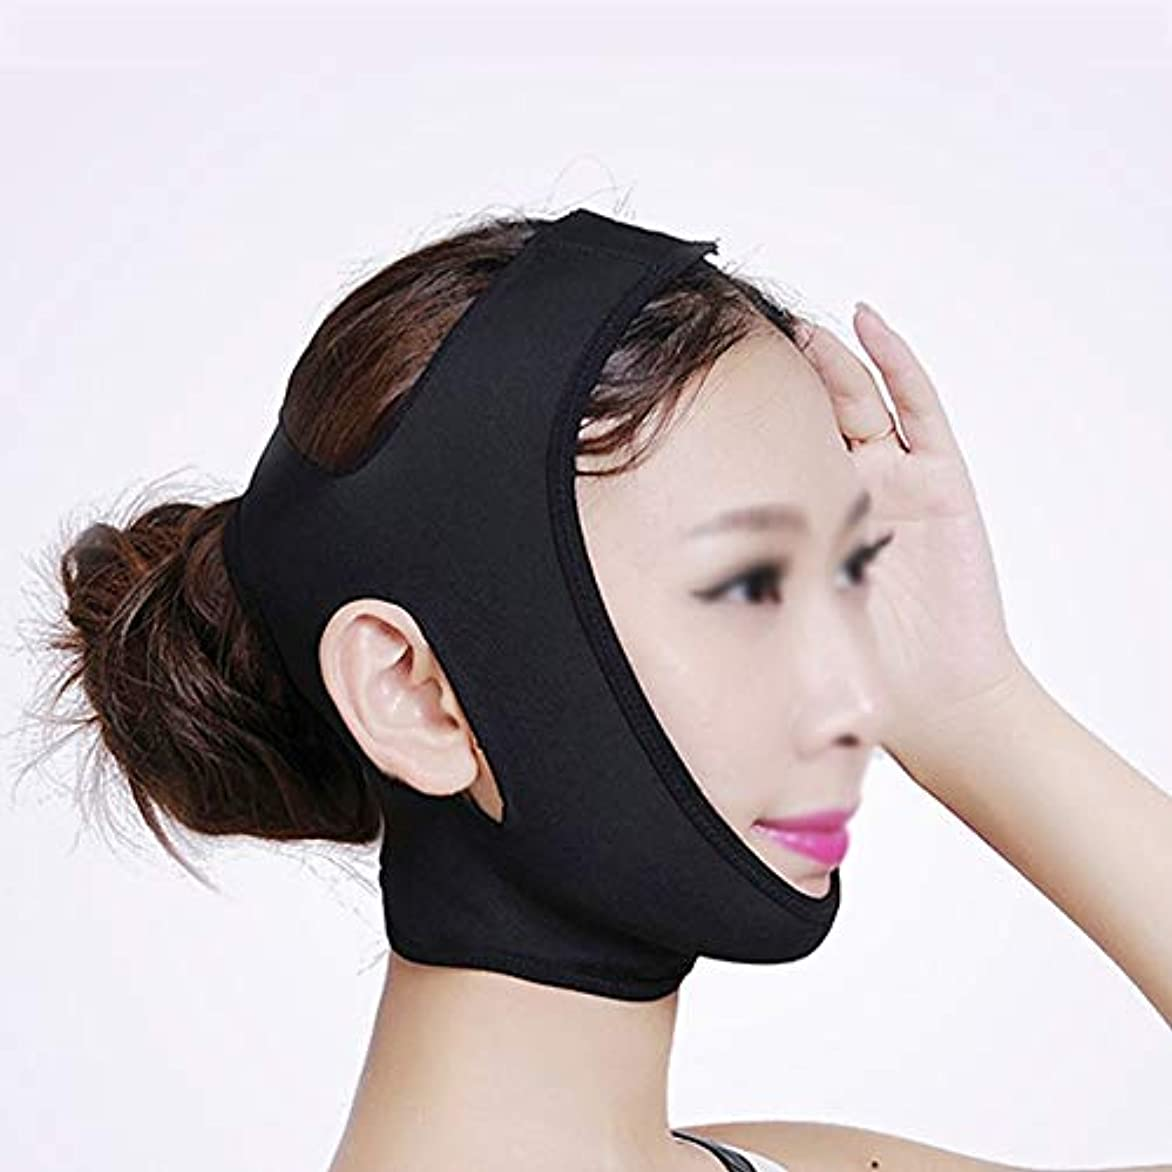 エキスパートかび臭い慣れているLJK 減量の包帯、顔の持ち上がる包帯、二重あごを減らすために持ち上がるベルトを取除く顔の減量のマスクの持ち上がる表面、フェイスマスク、二重あご (Color : Black, Size : S)